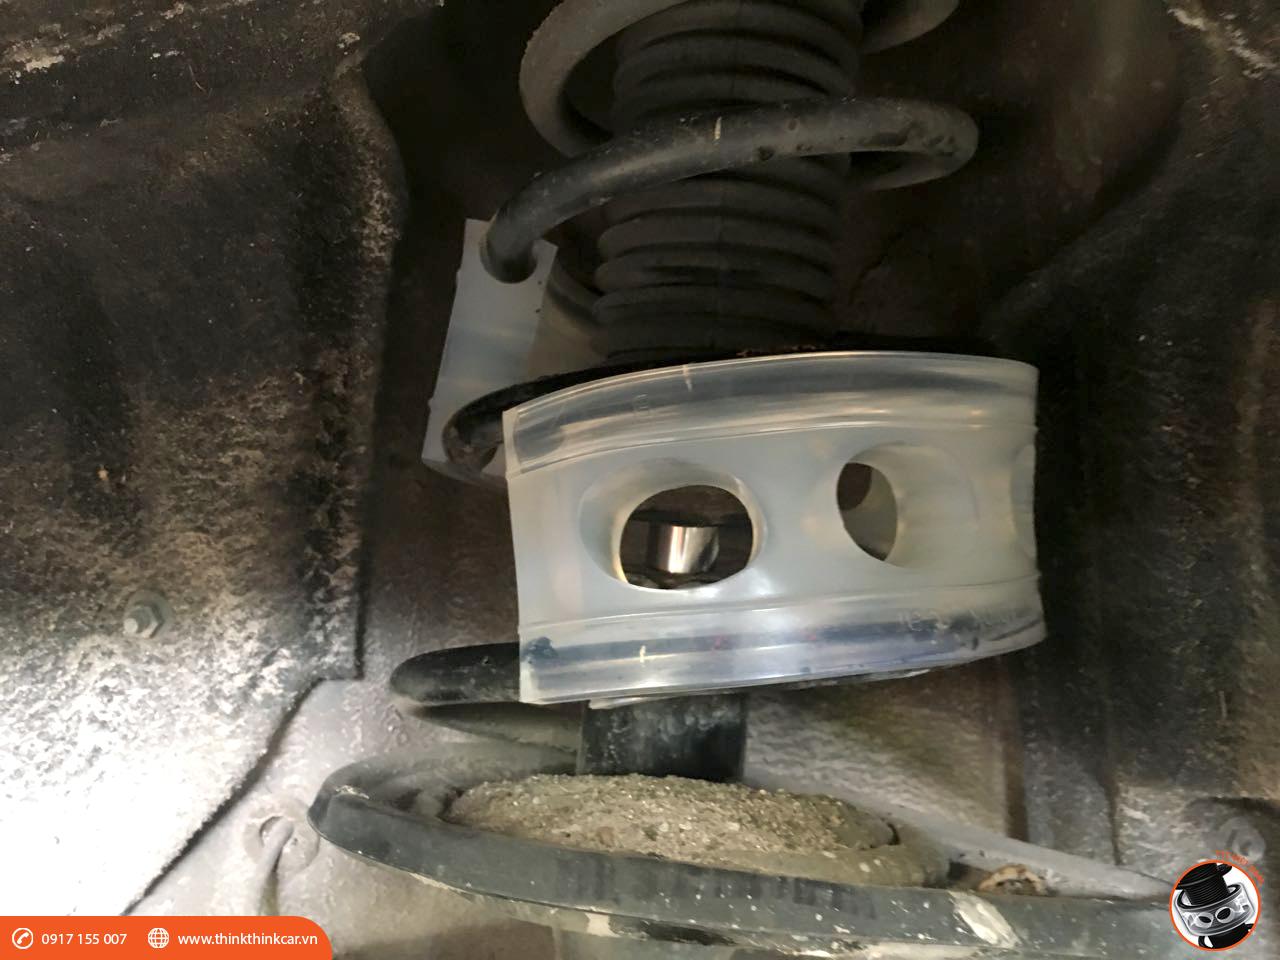 LEXUS ES 350 lắp đặt đệm giảm chấn tại Auto Phạm Gia Hình 4